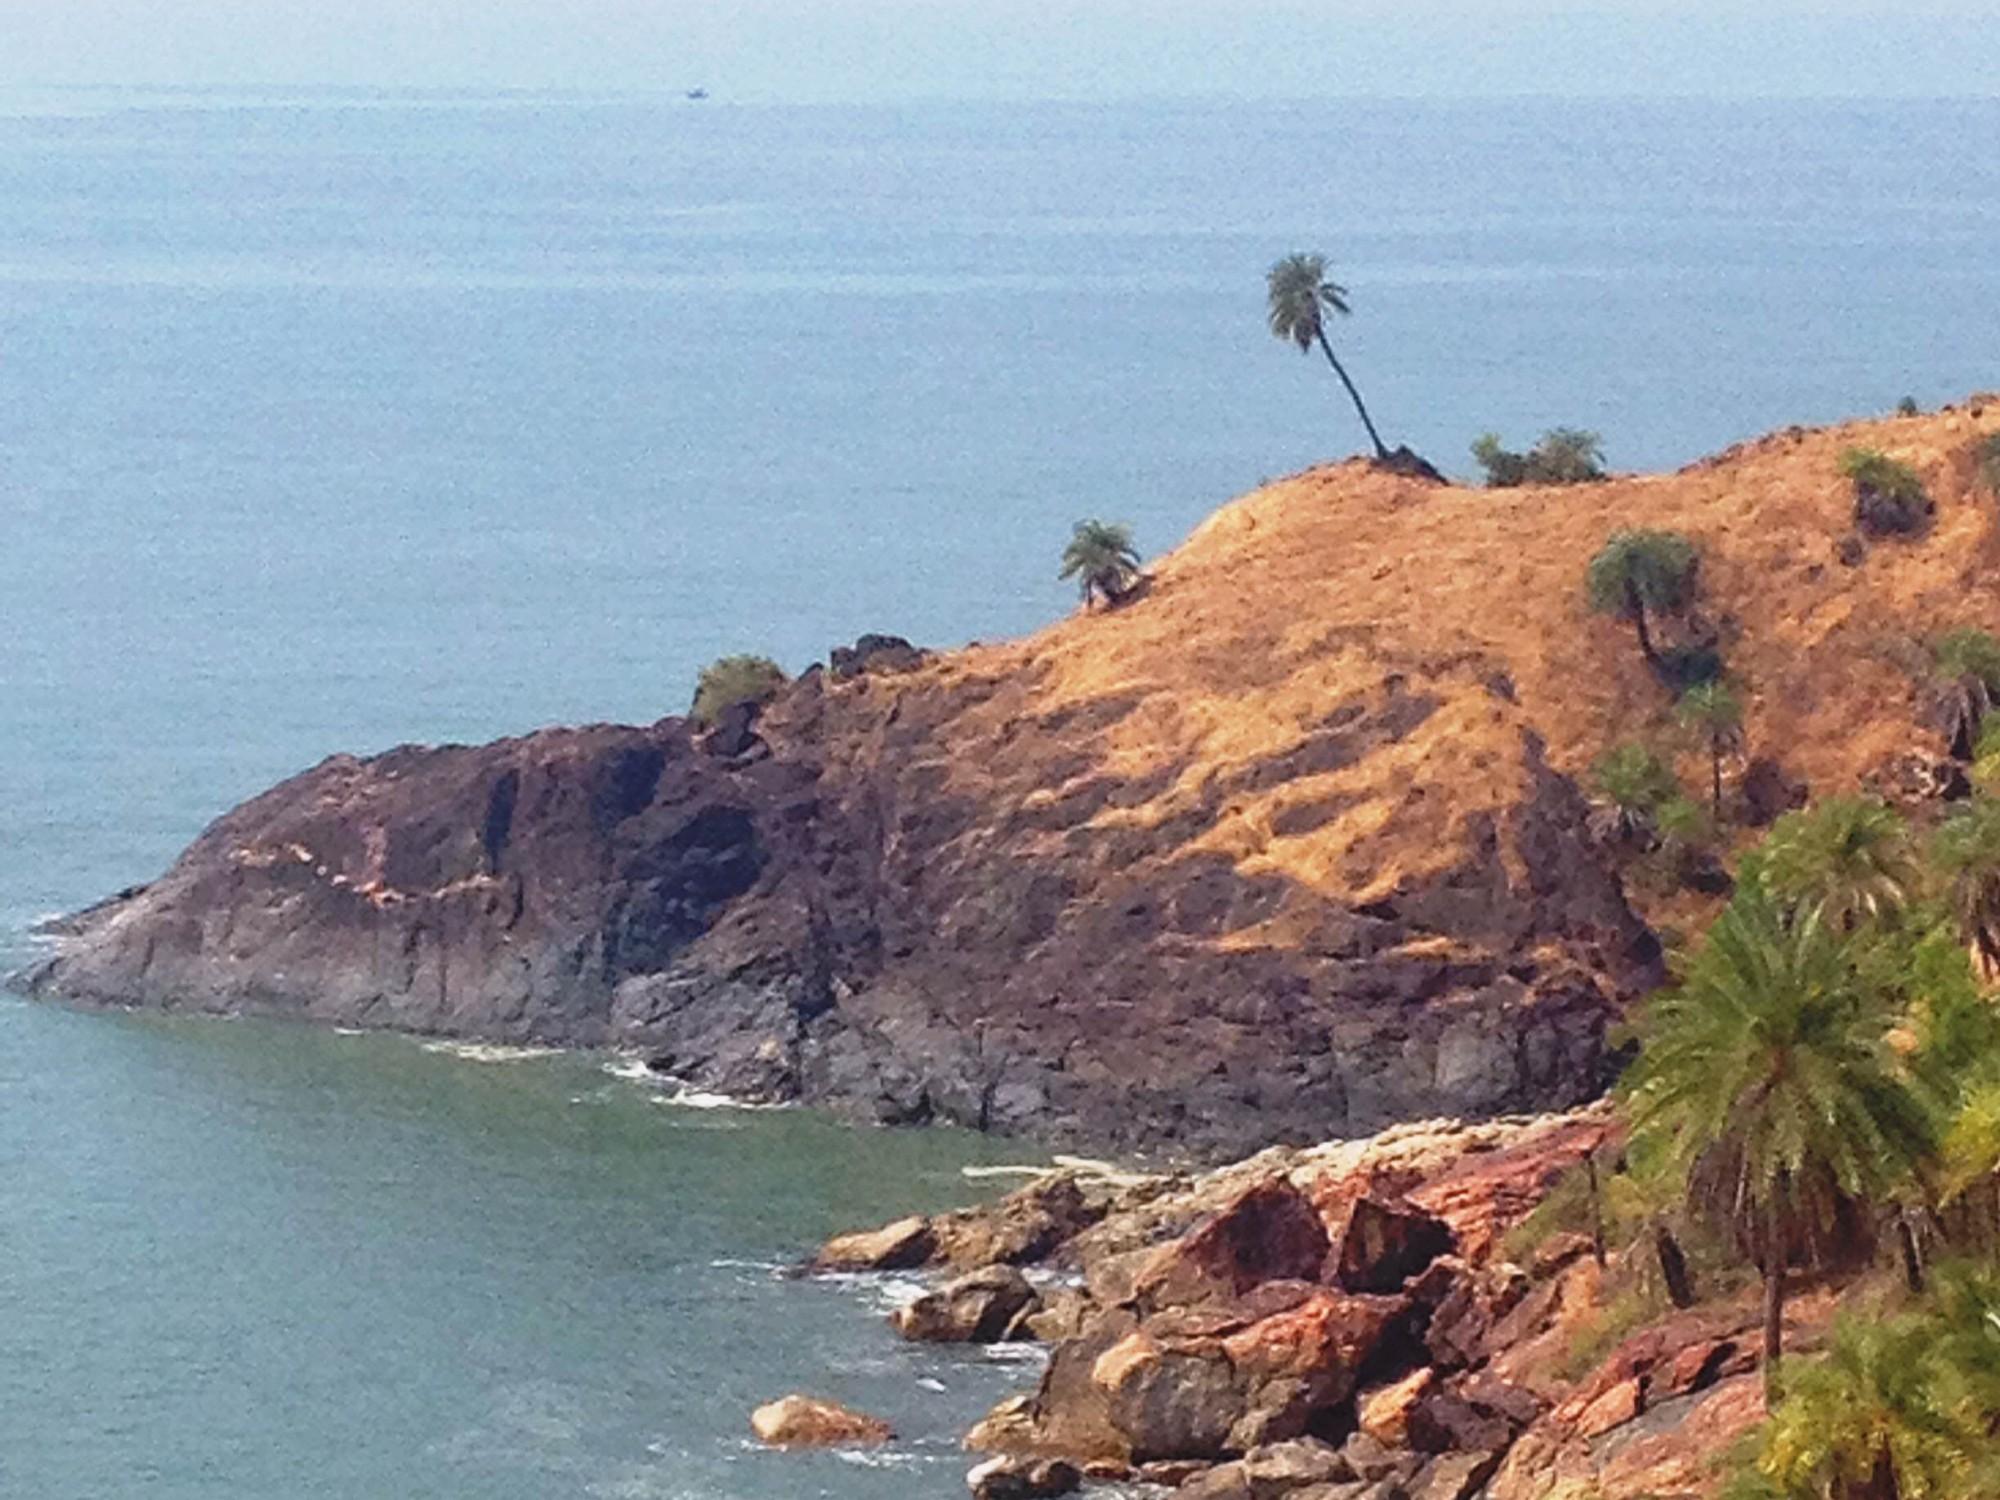 palm tree om beach gokarna karnataka india travel nature hike